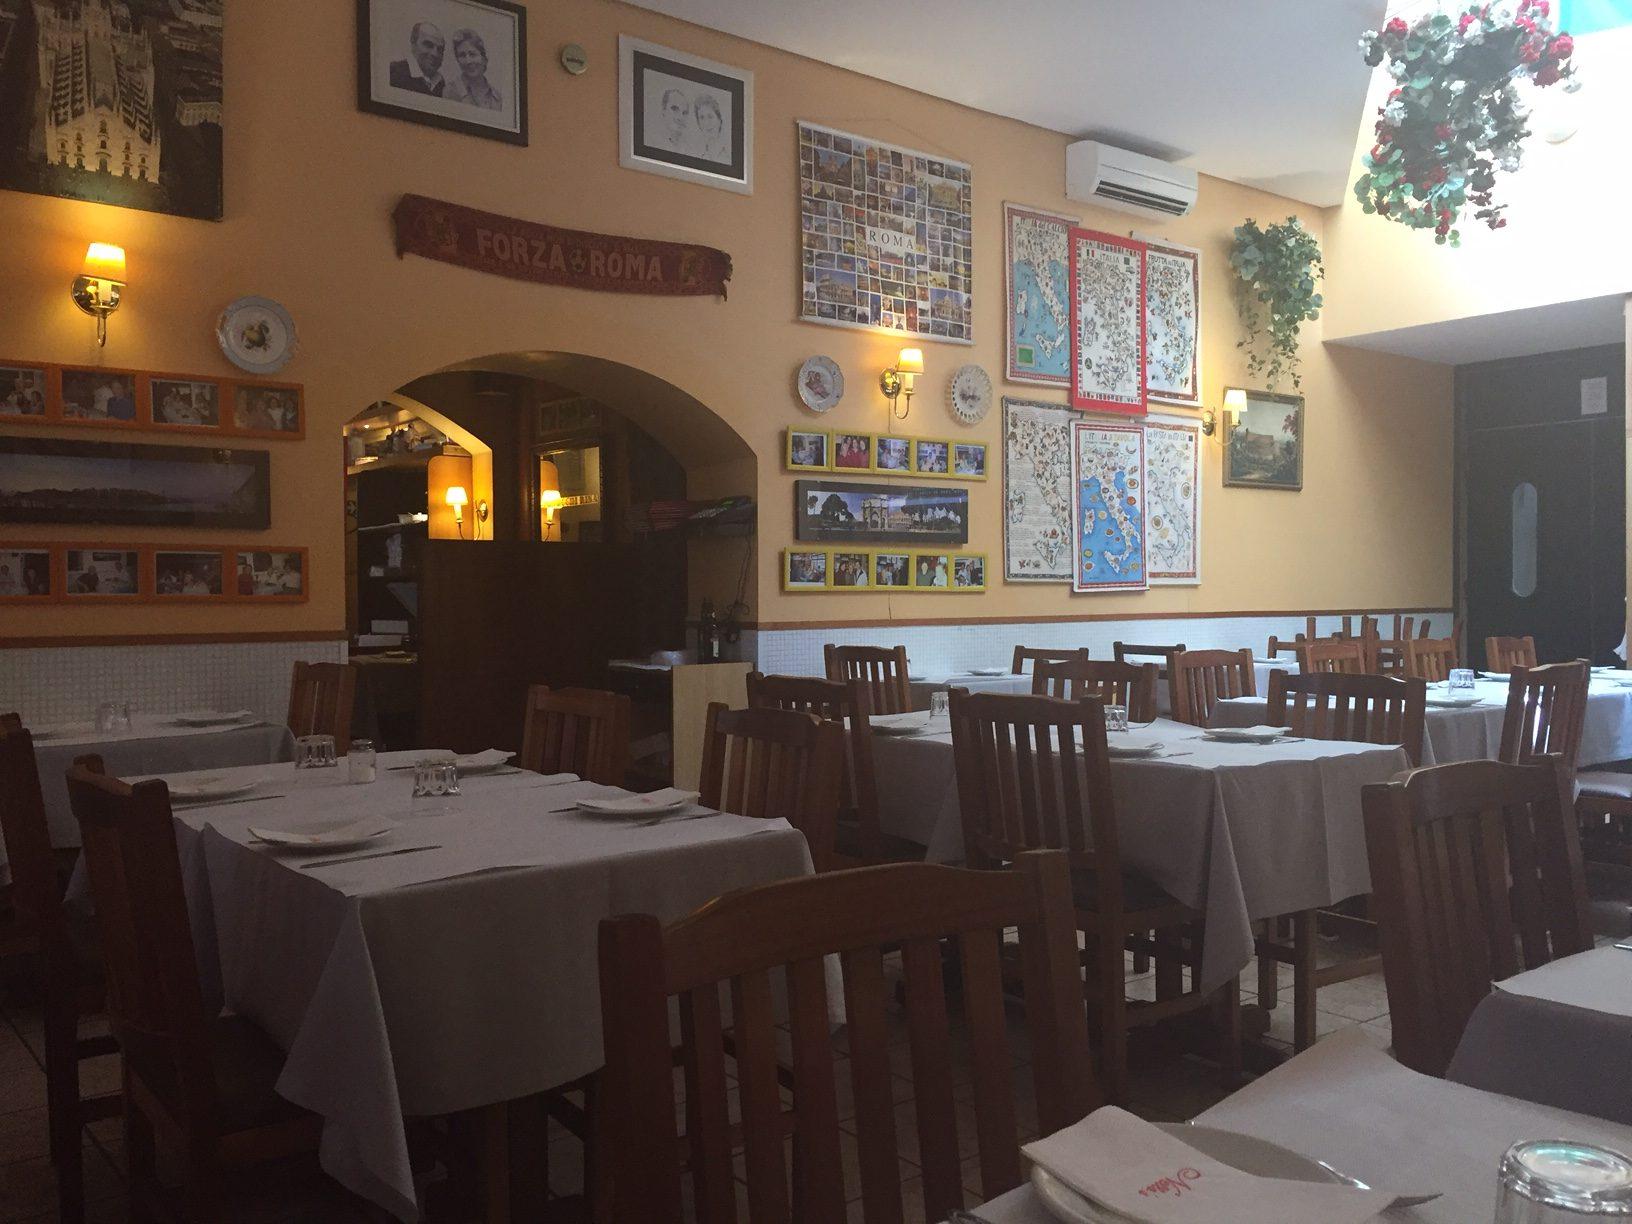 Ambiente típico, com muitos quadros do cinema italiano